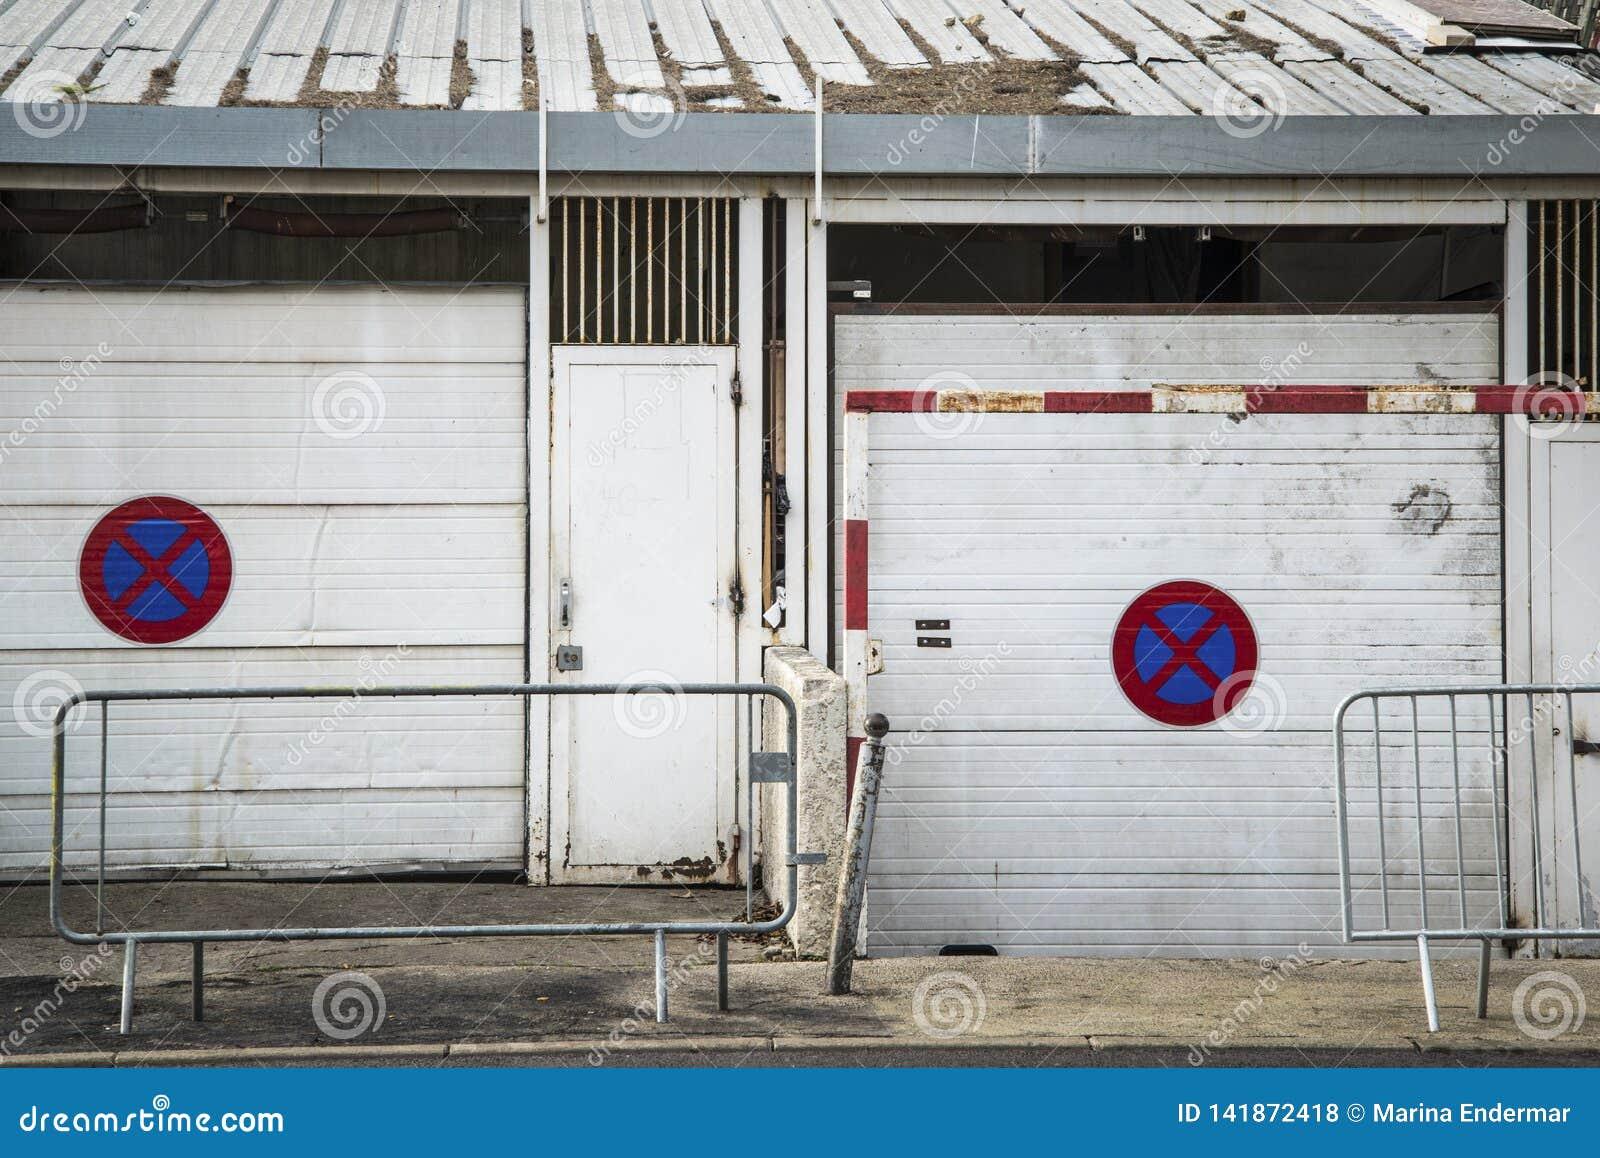 Parkverbotsschilder auf schäbigen Garagen, Montpellier, Frankreich